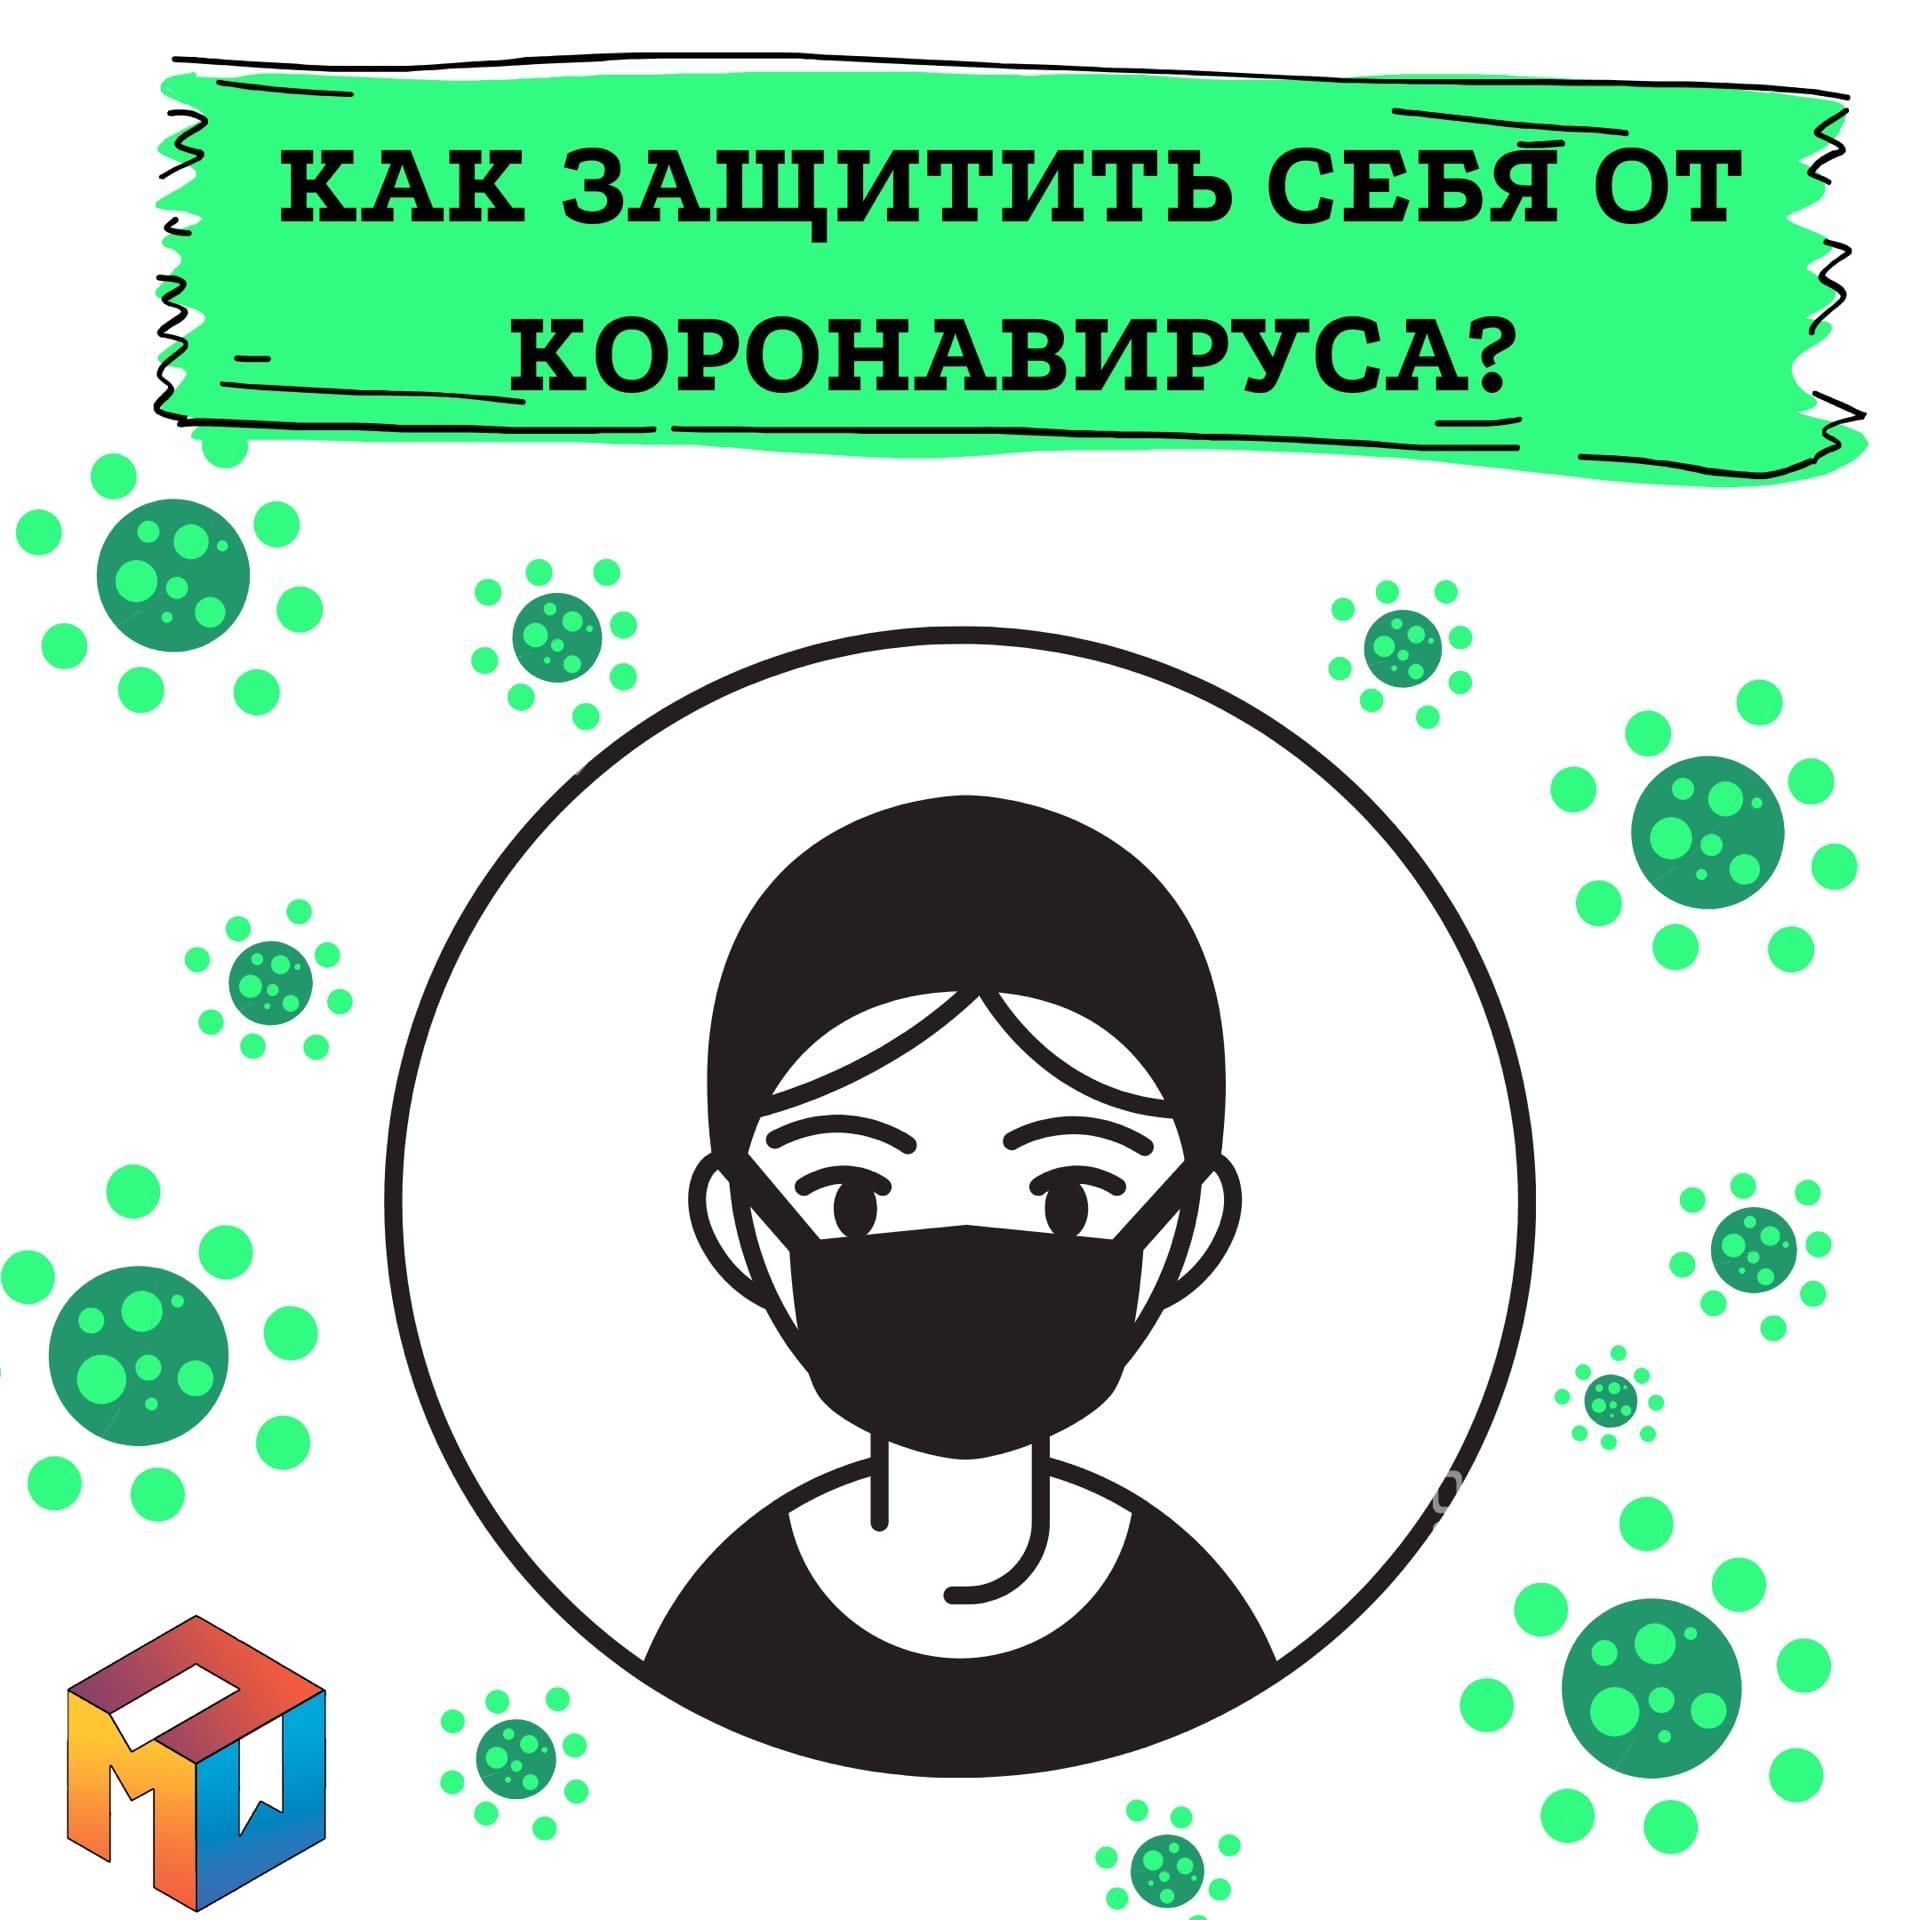 Как защитить себя от заражения коронавирусом?